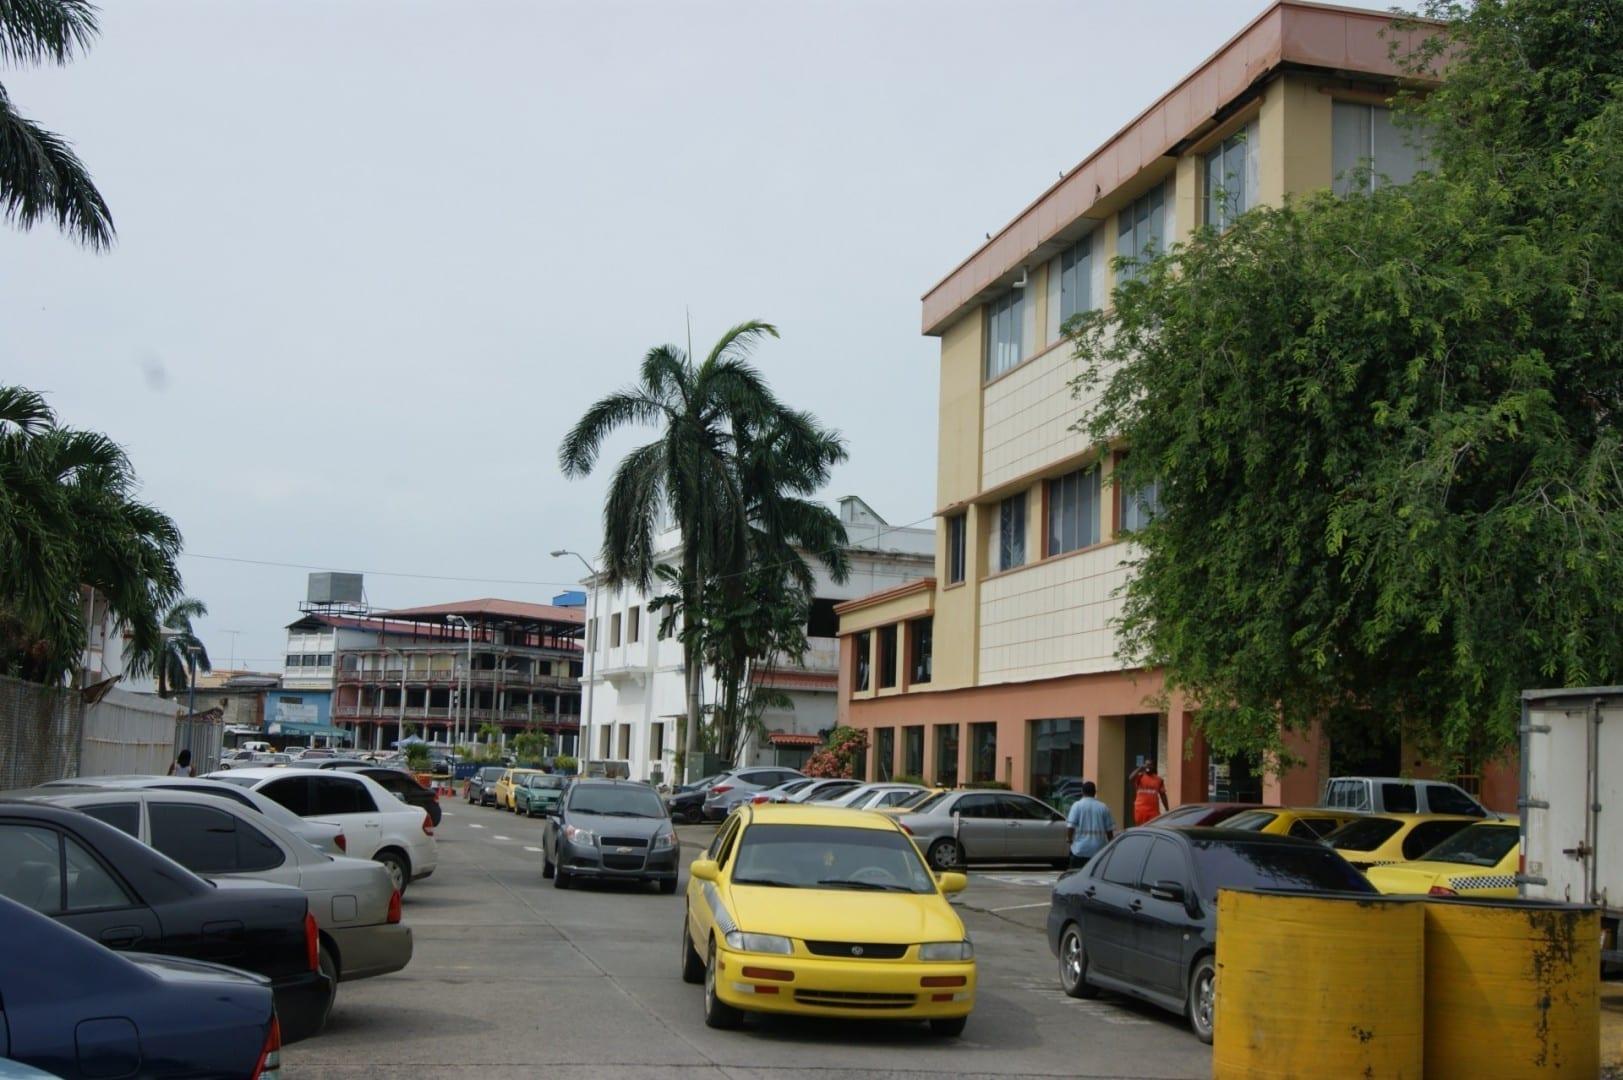 Zona portuaria de Cristóbal. Colon Panamá